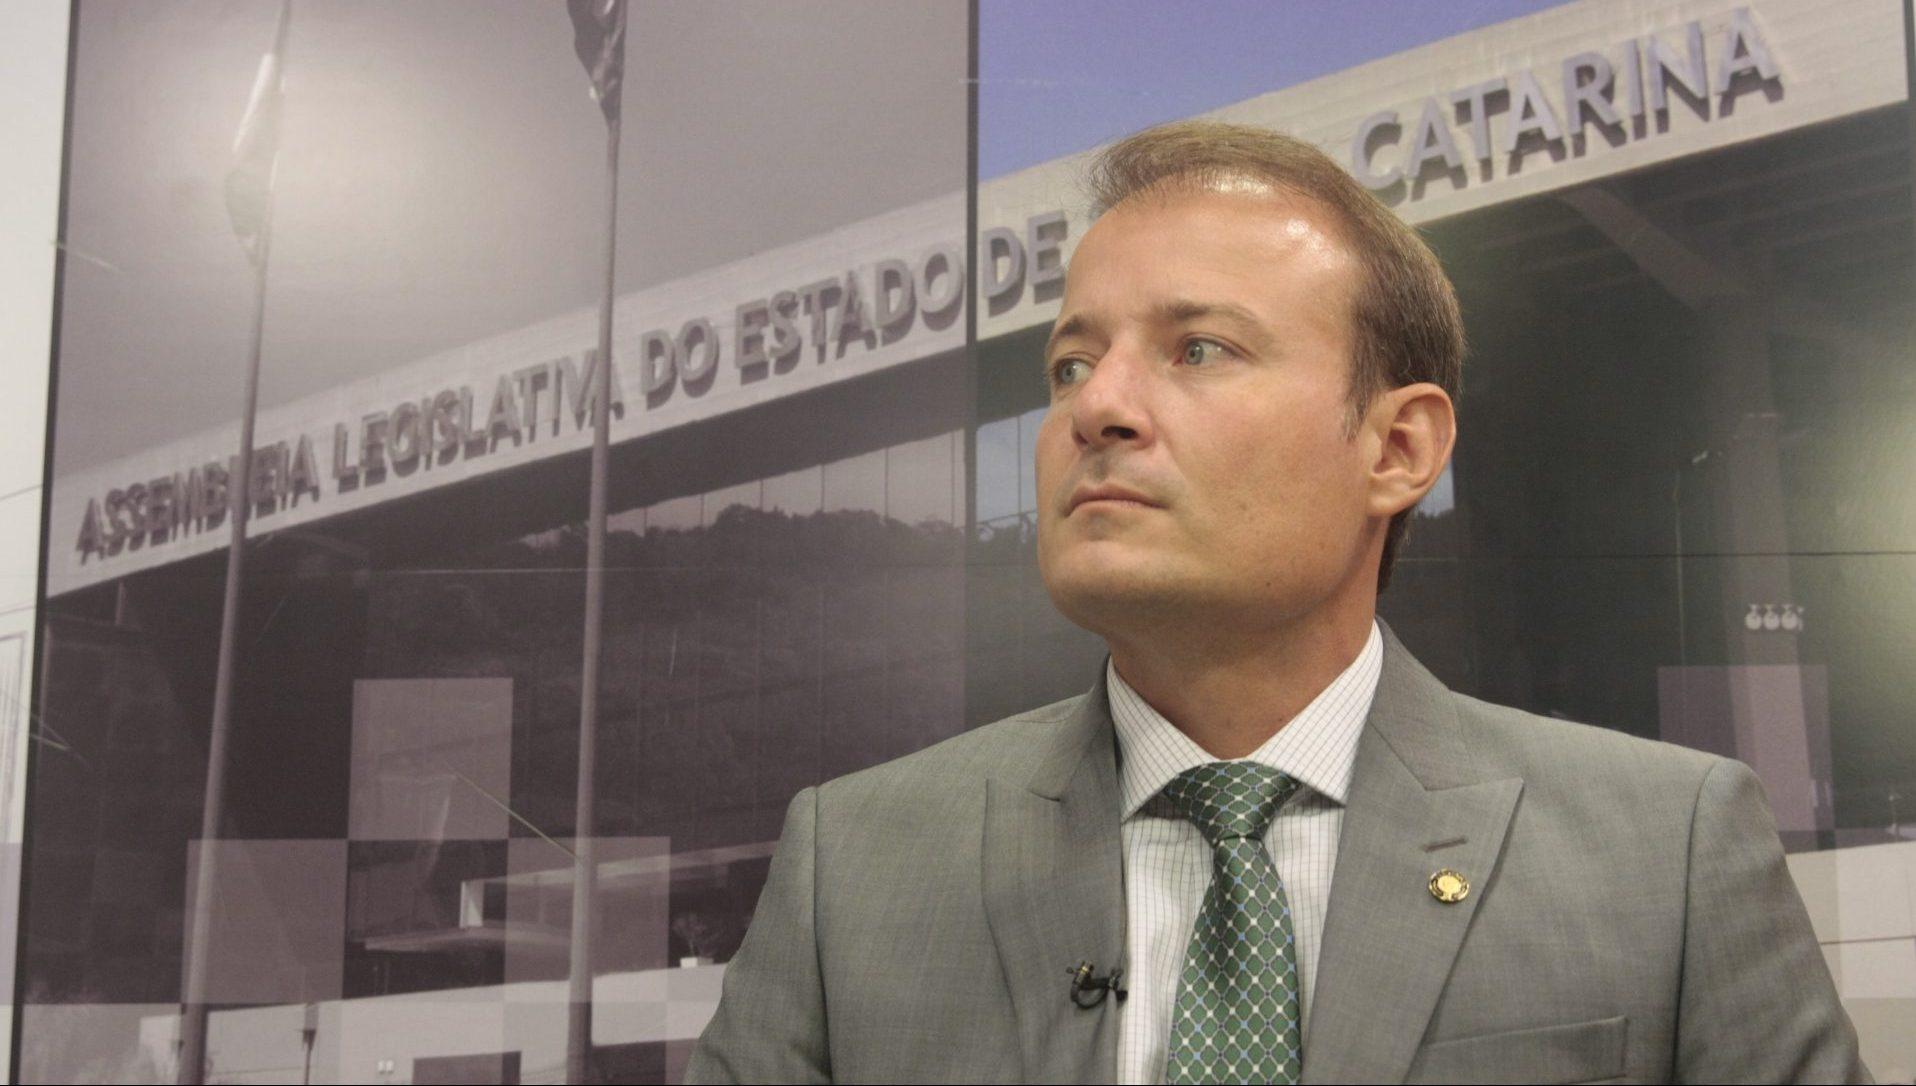 ELEIÇÕES 2018 DISPUTA PARA AL SERÁ BRIGA DE FOICE